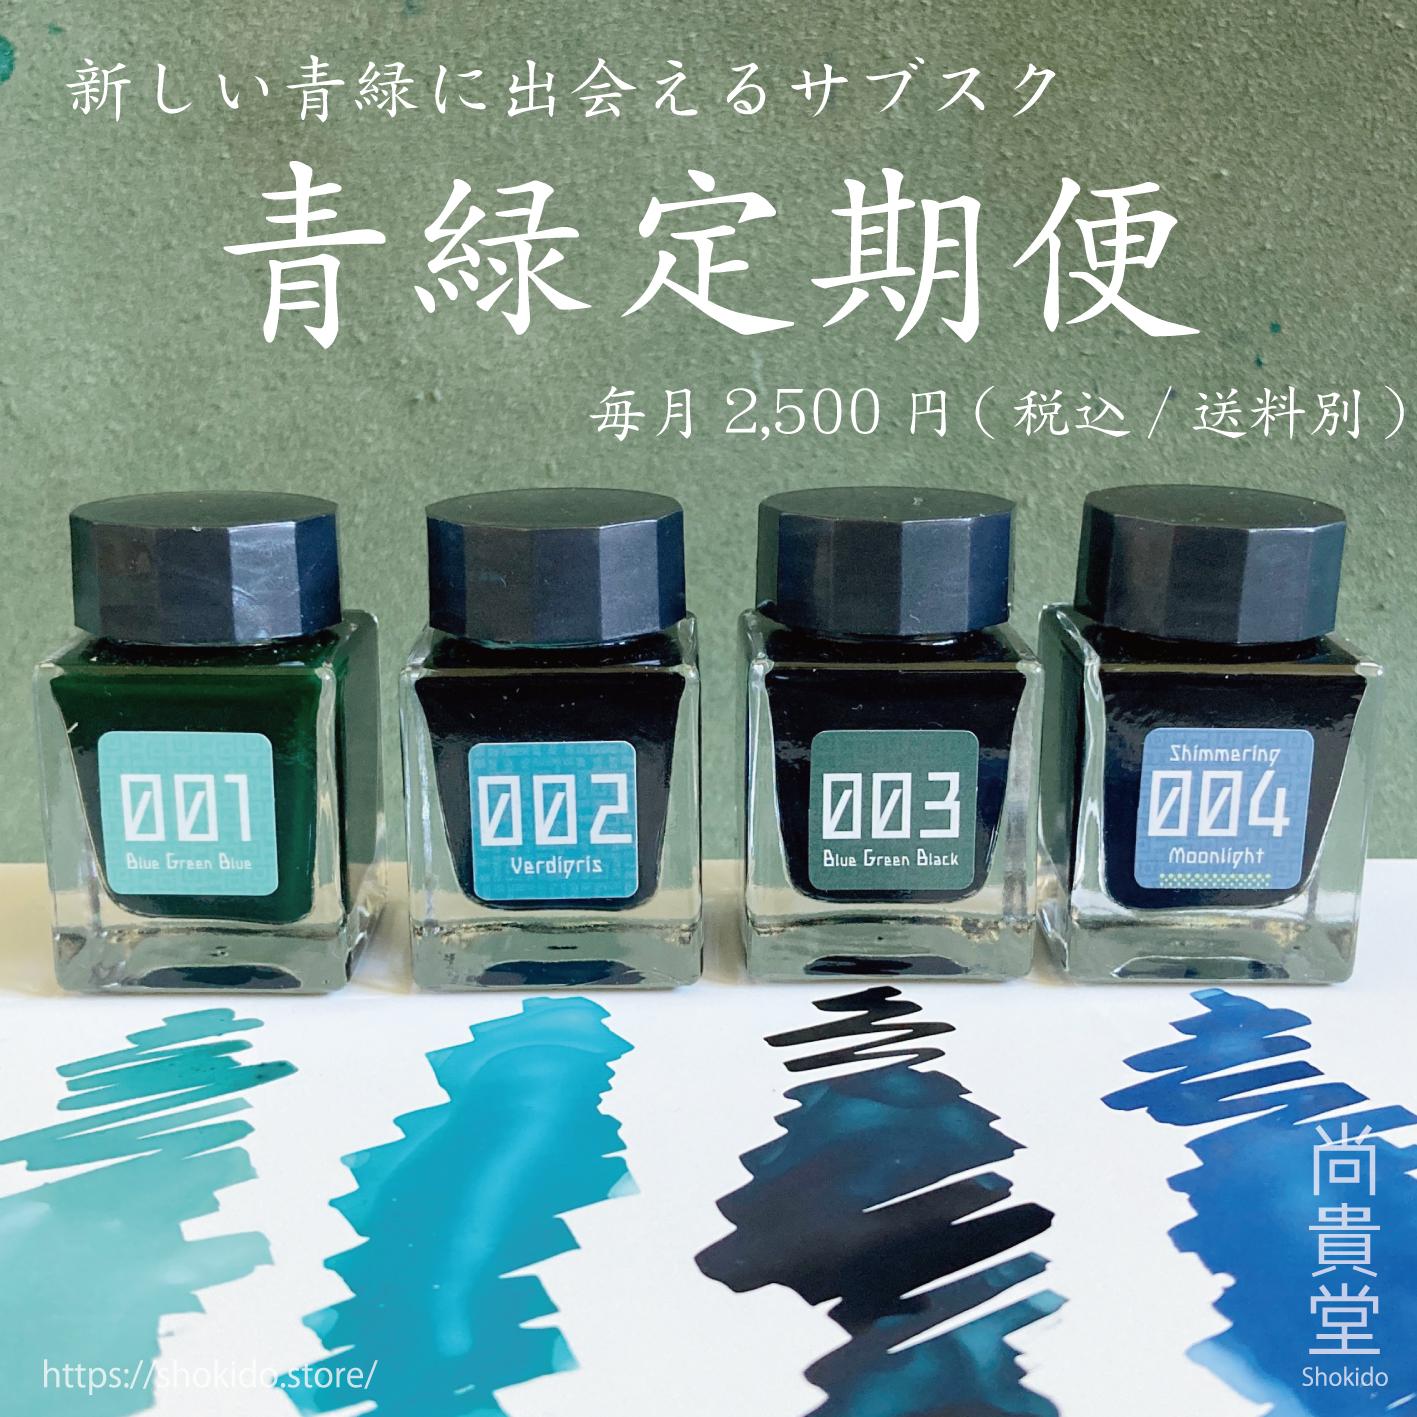 新しい青緑に出会えるサブスク「青緑定期便」 通常価格